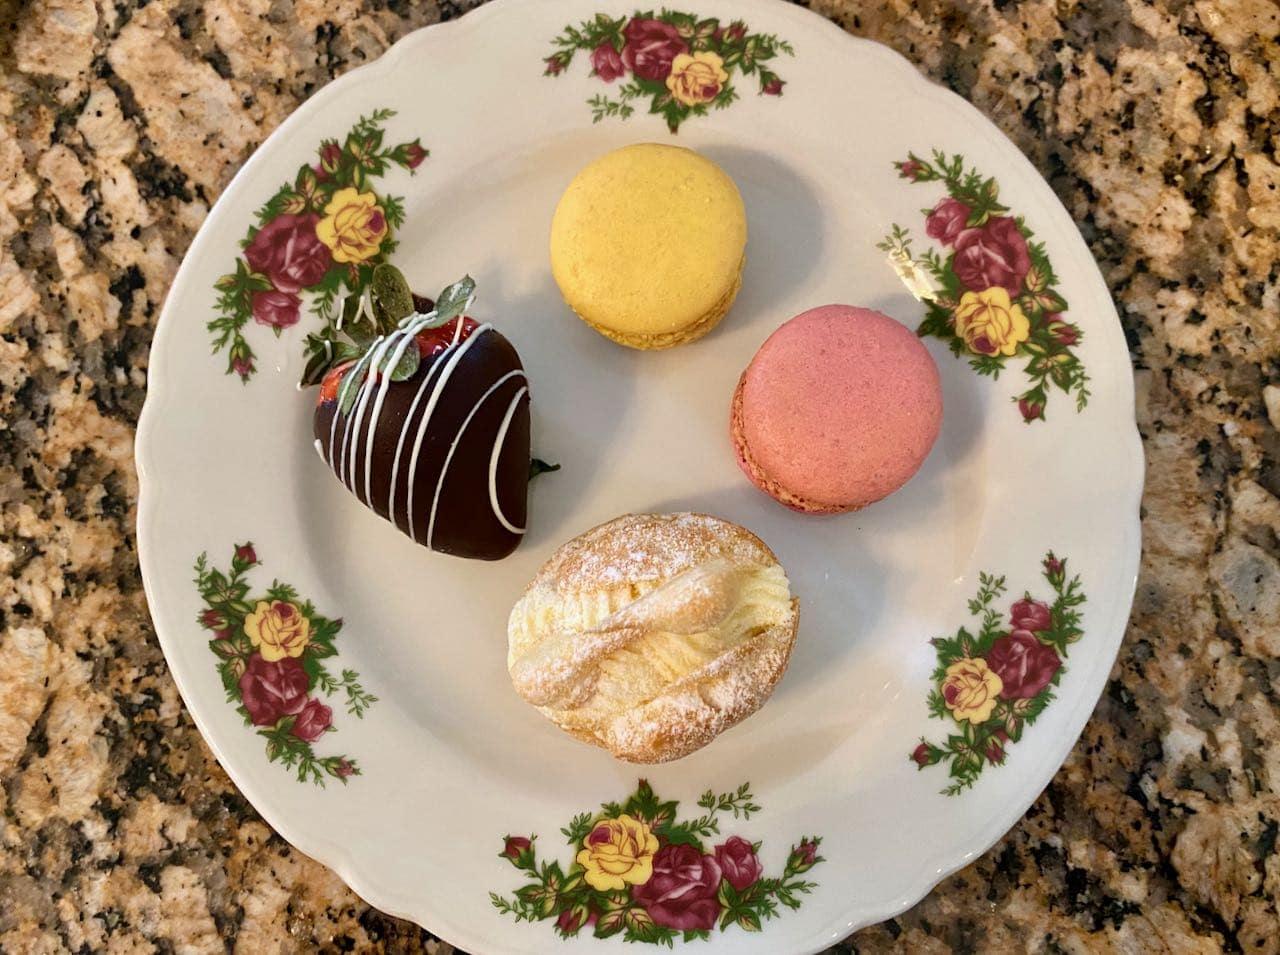 Desserts Disney's Grand Floridian Resort & Spa Orlando review